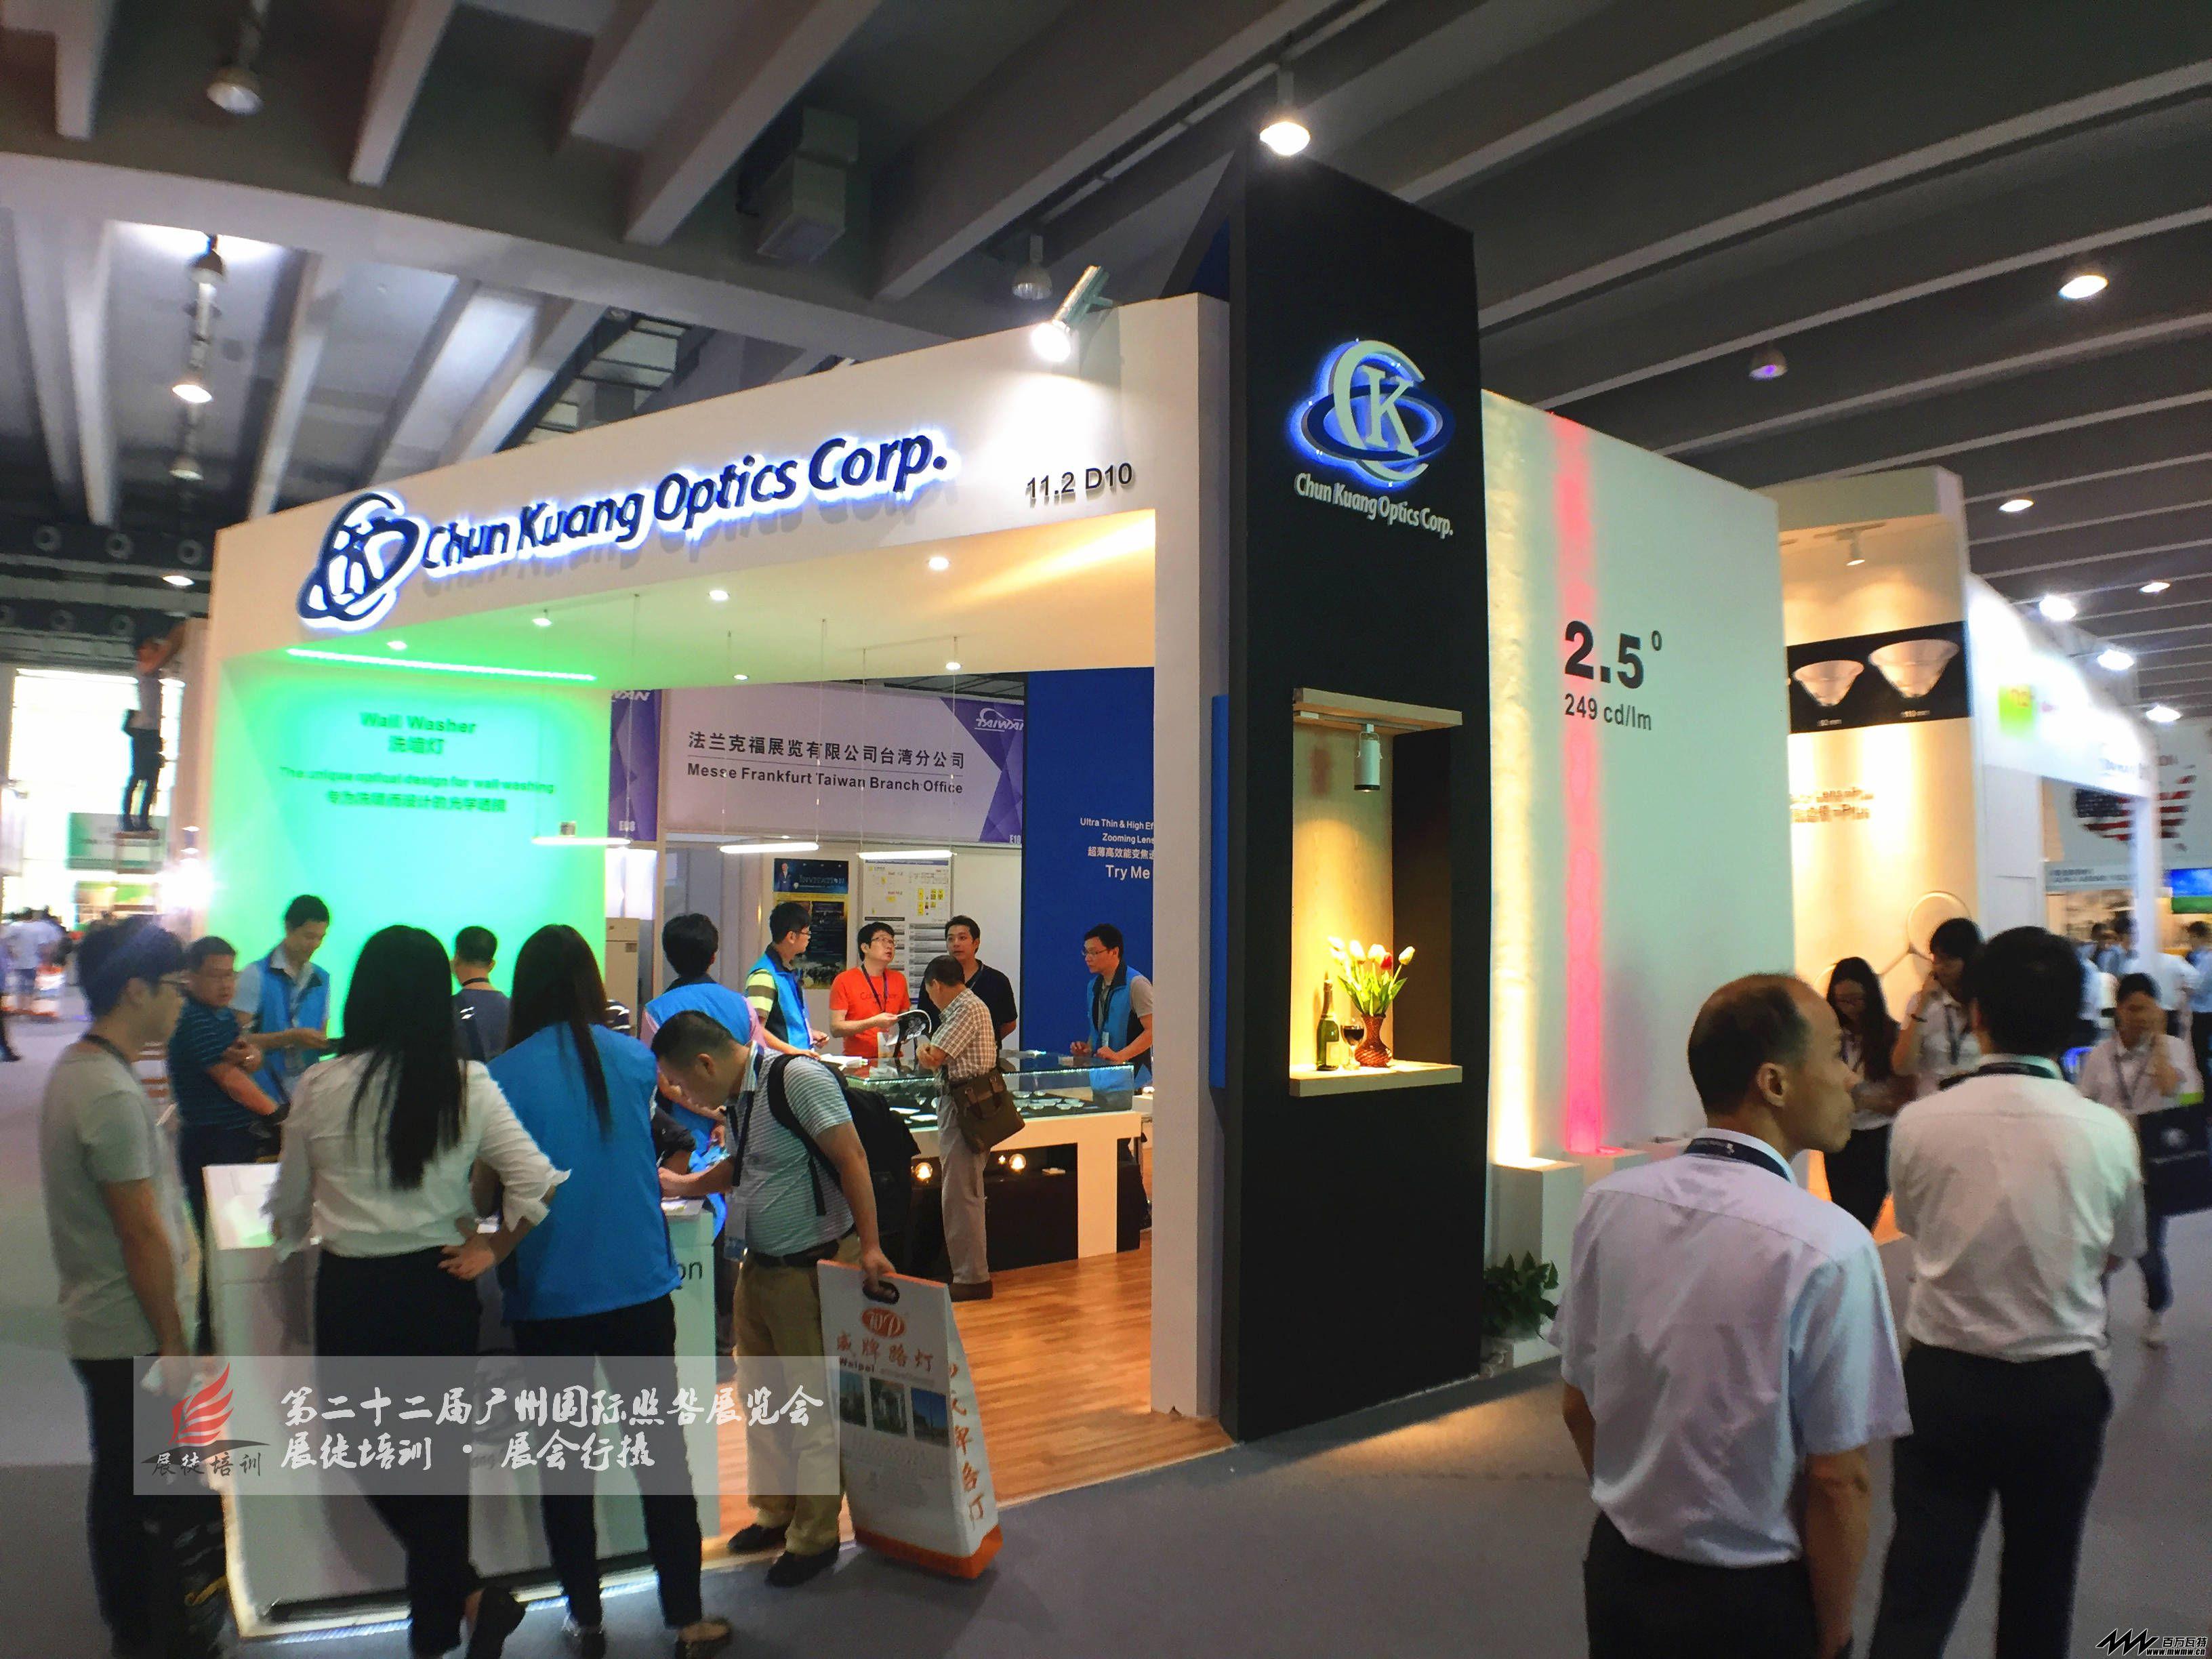 第二十二届广州国际照明展览会-展徒培训·展会行摄 (3).jpg